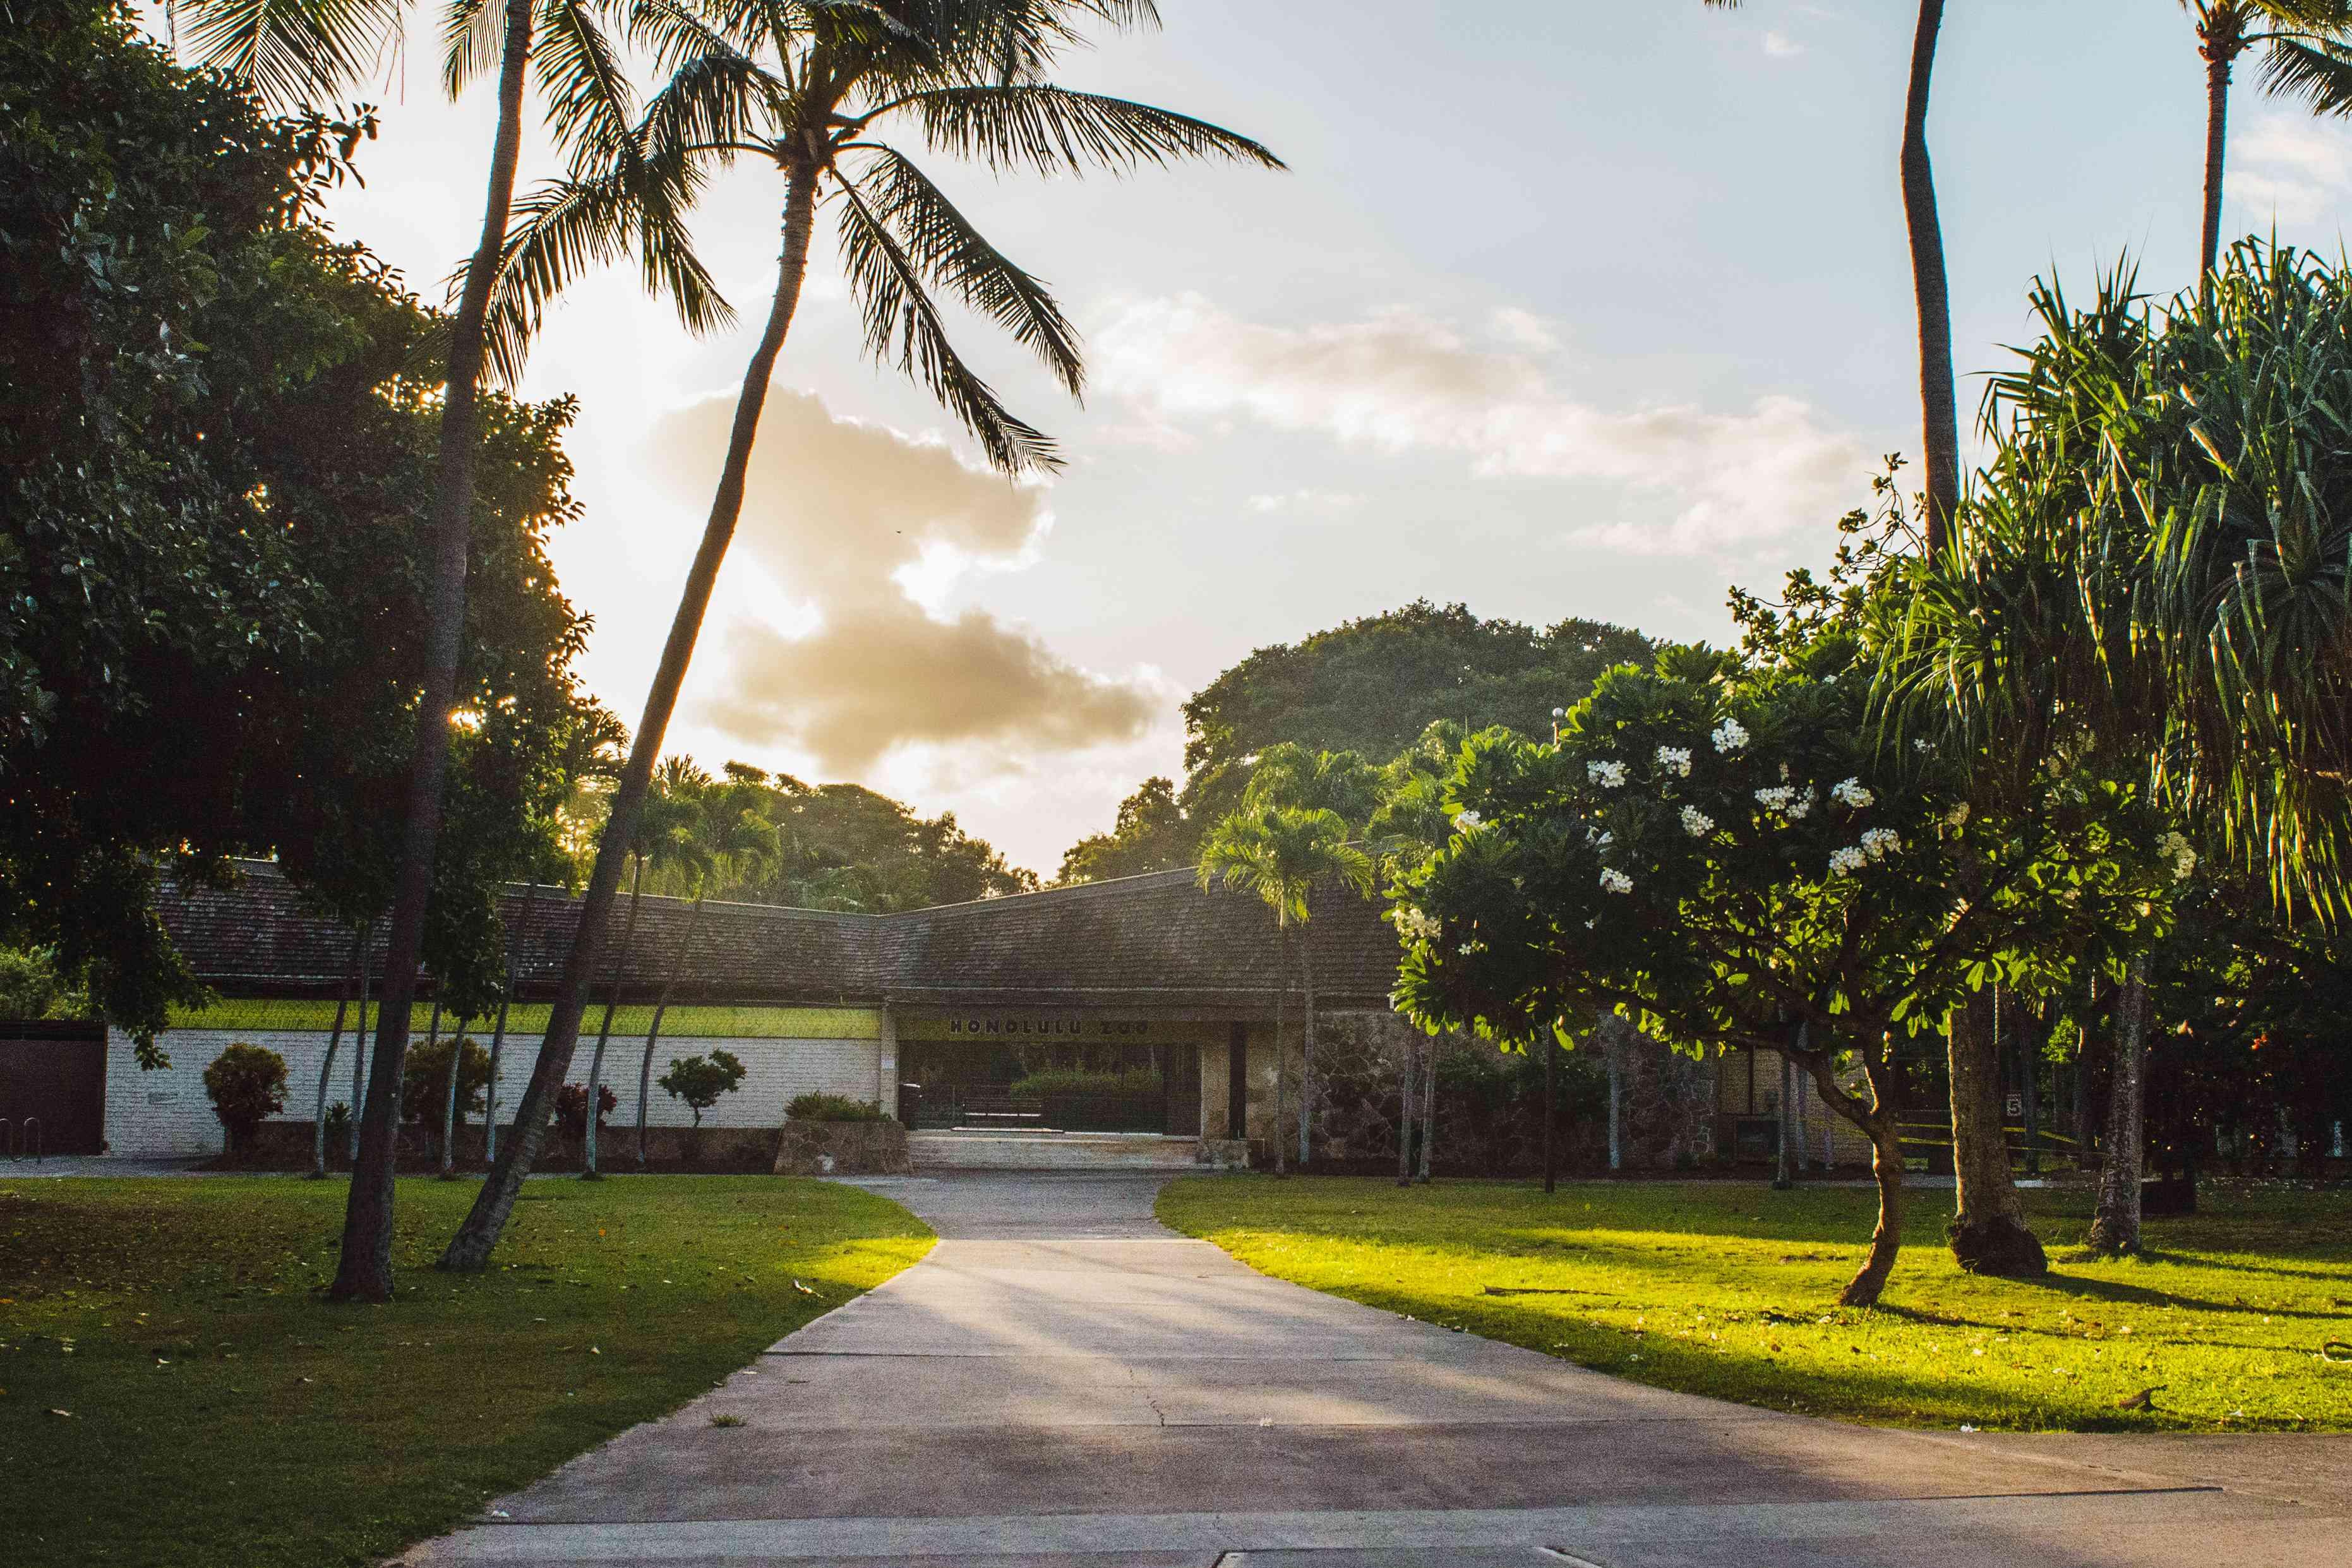 Entrance to Honolulu Zoo